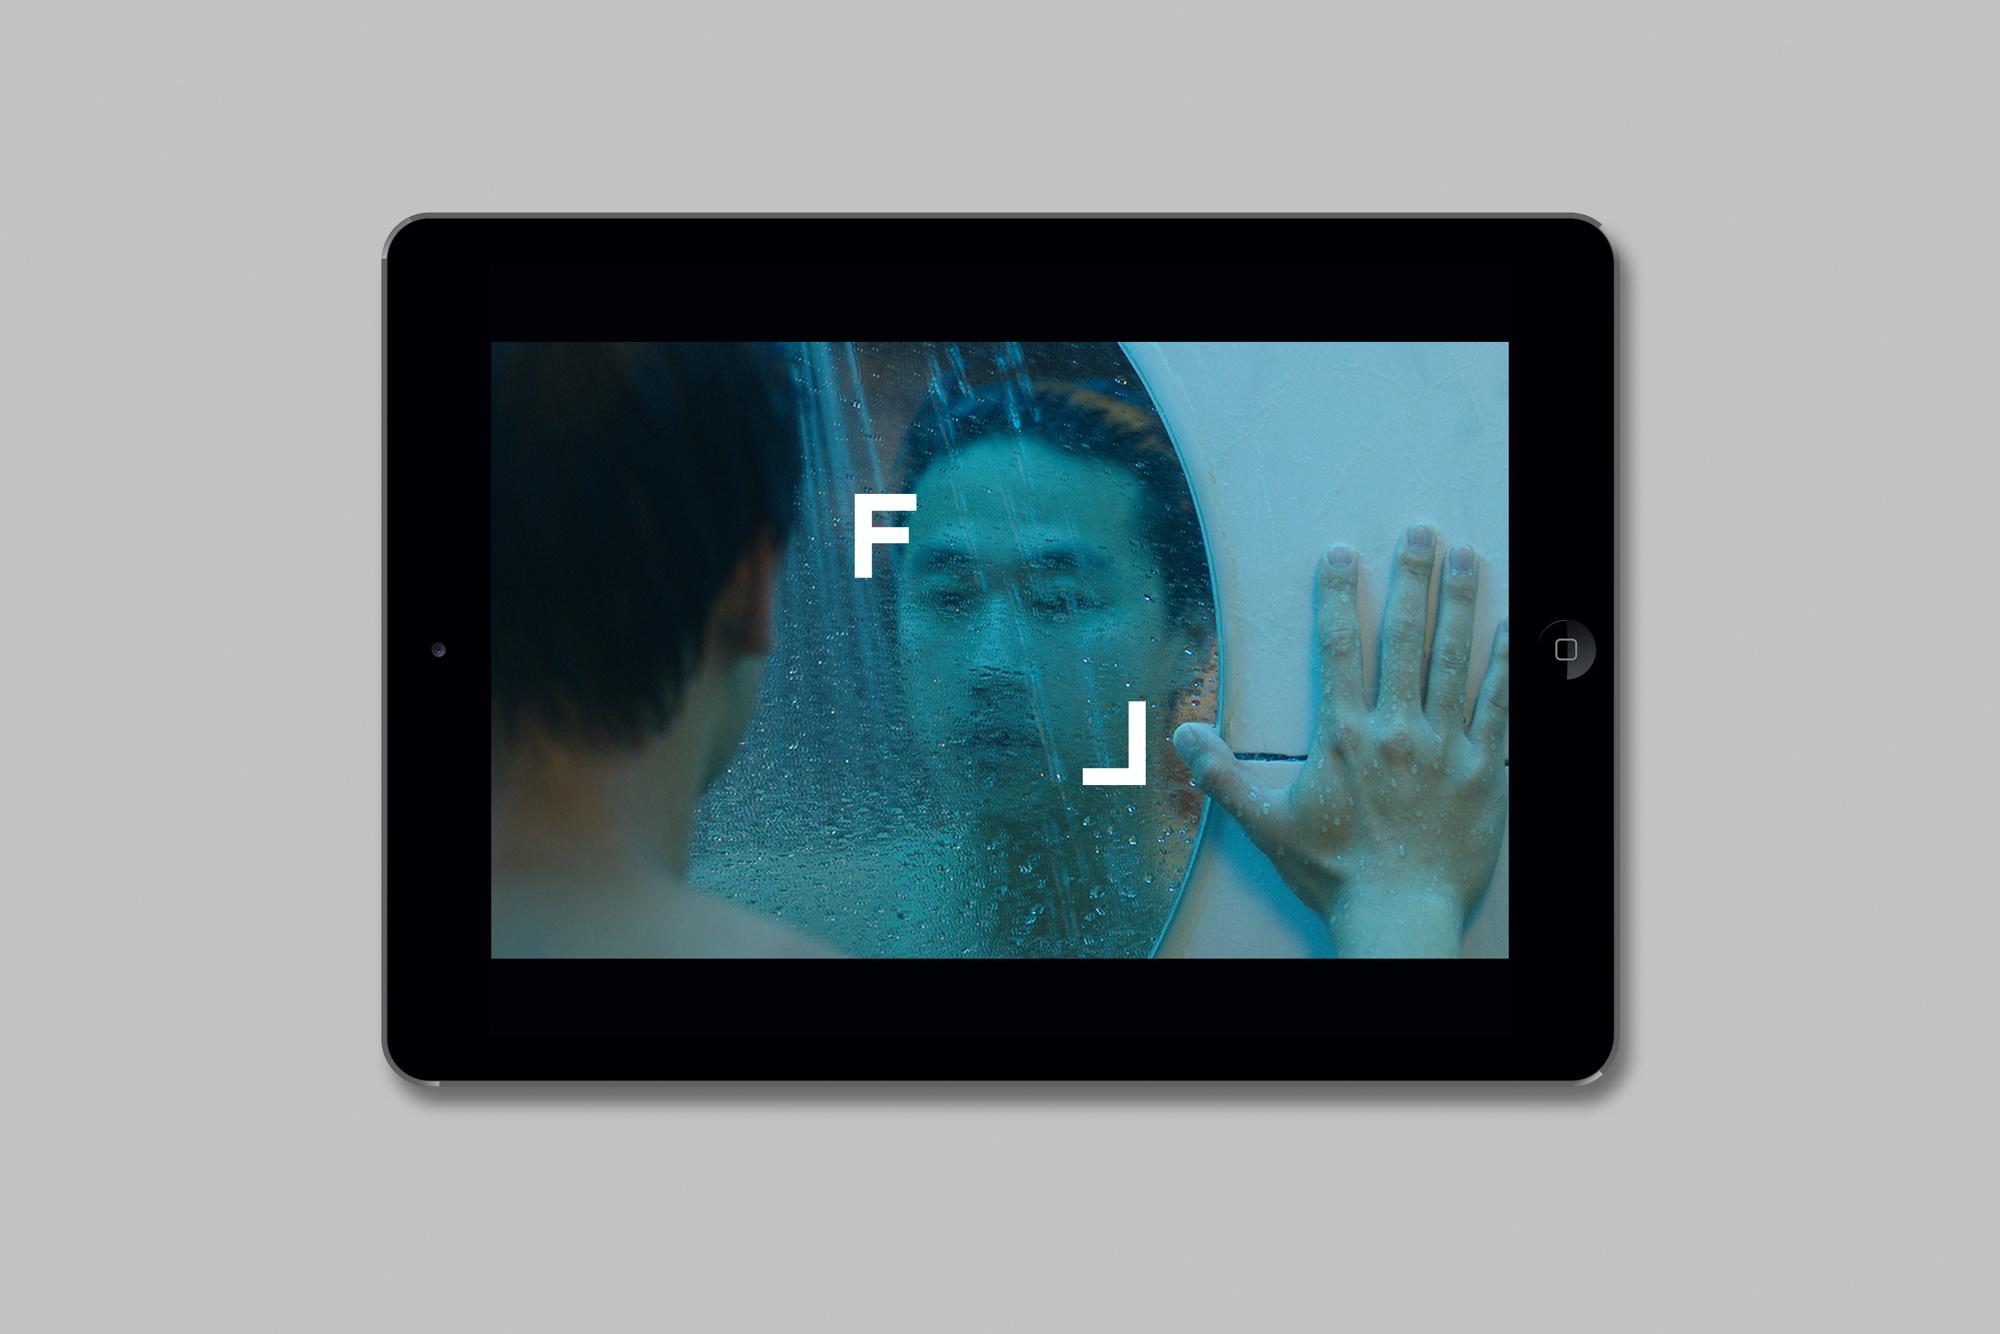 Frameline_Identity_SymbolApplied_02.jpg